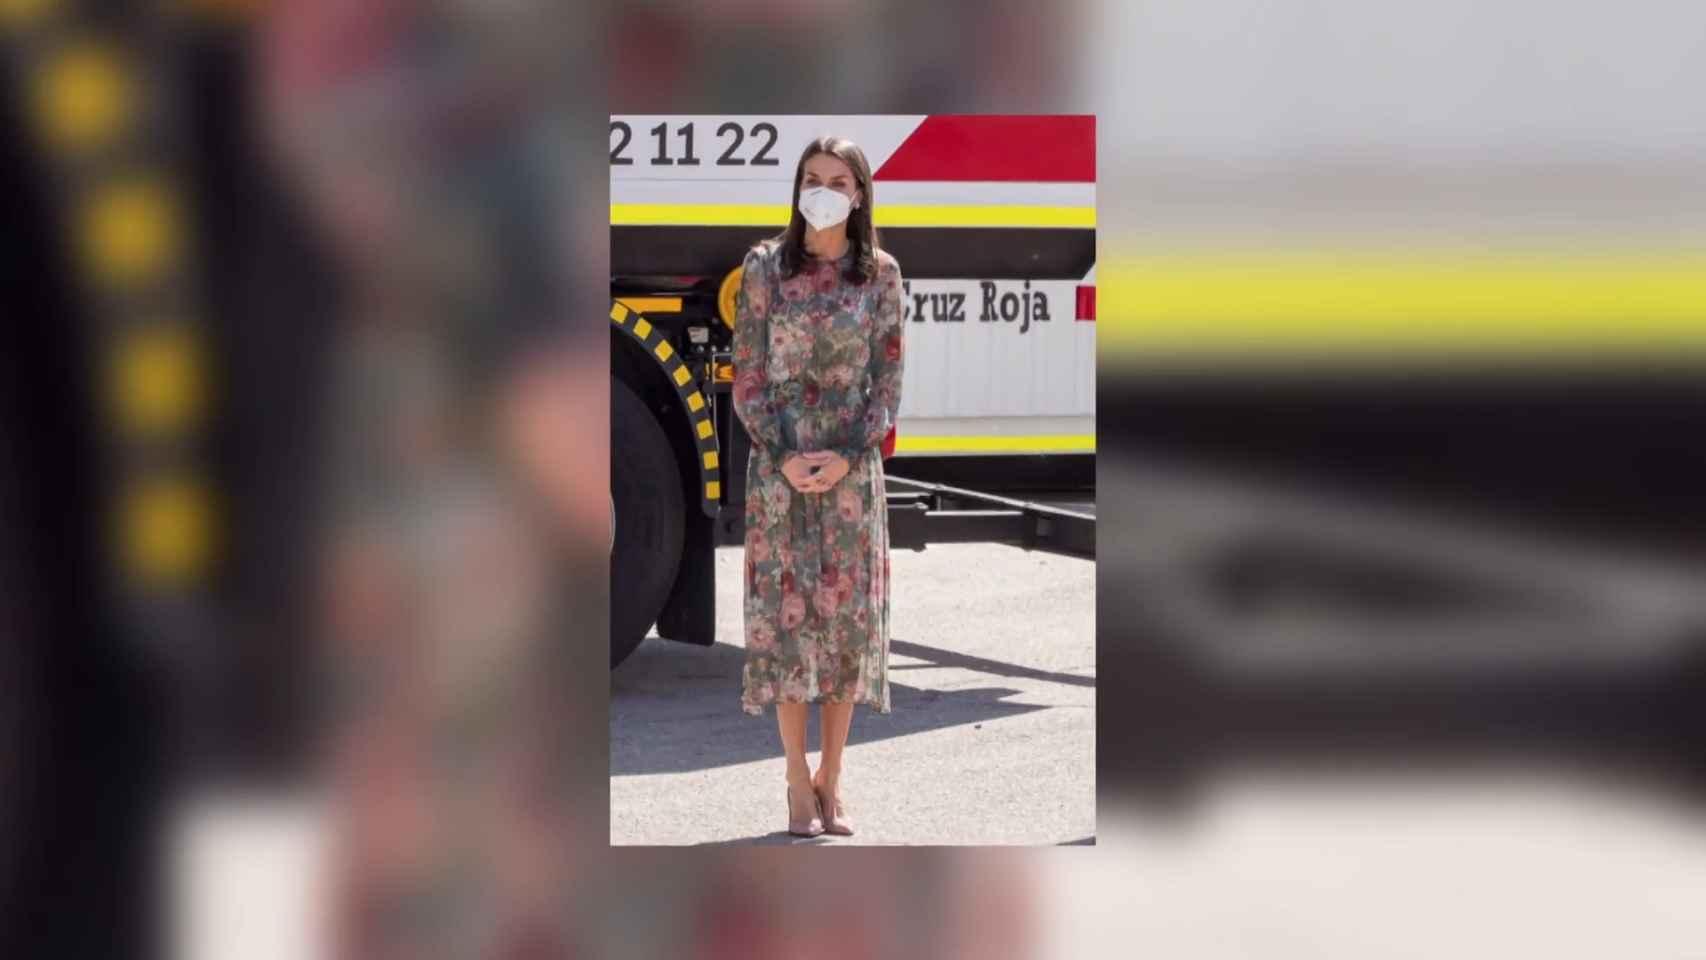 La Reina Letizia recupera uno de sus mejores looks, su delicado vestido midi de flores